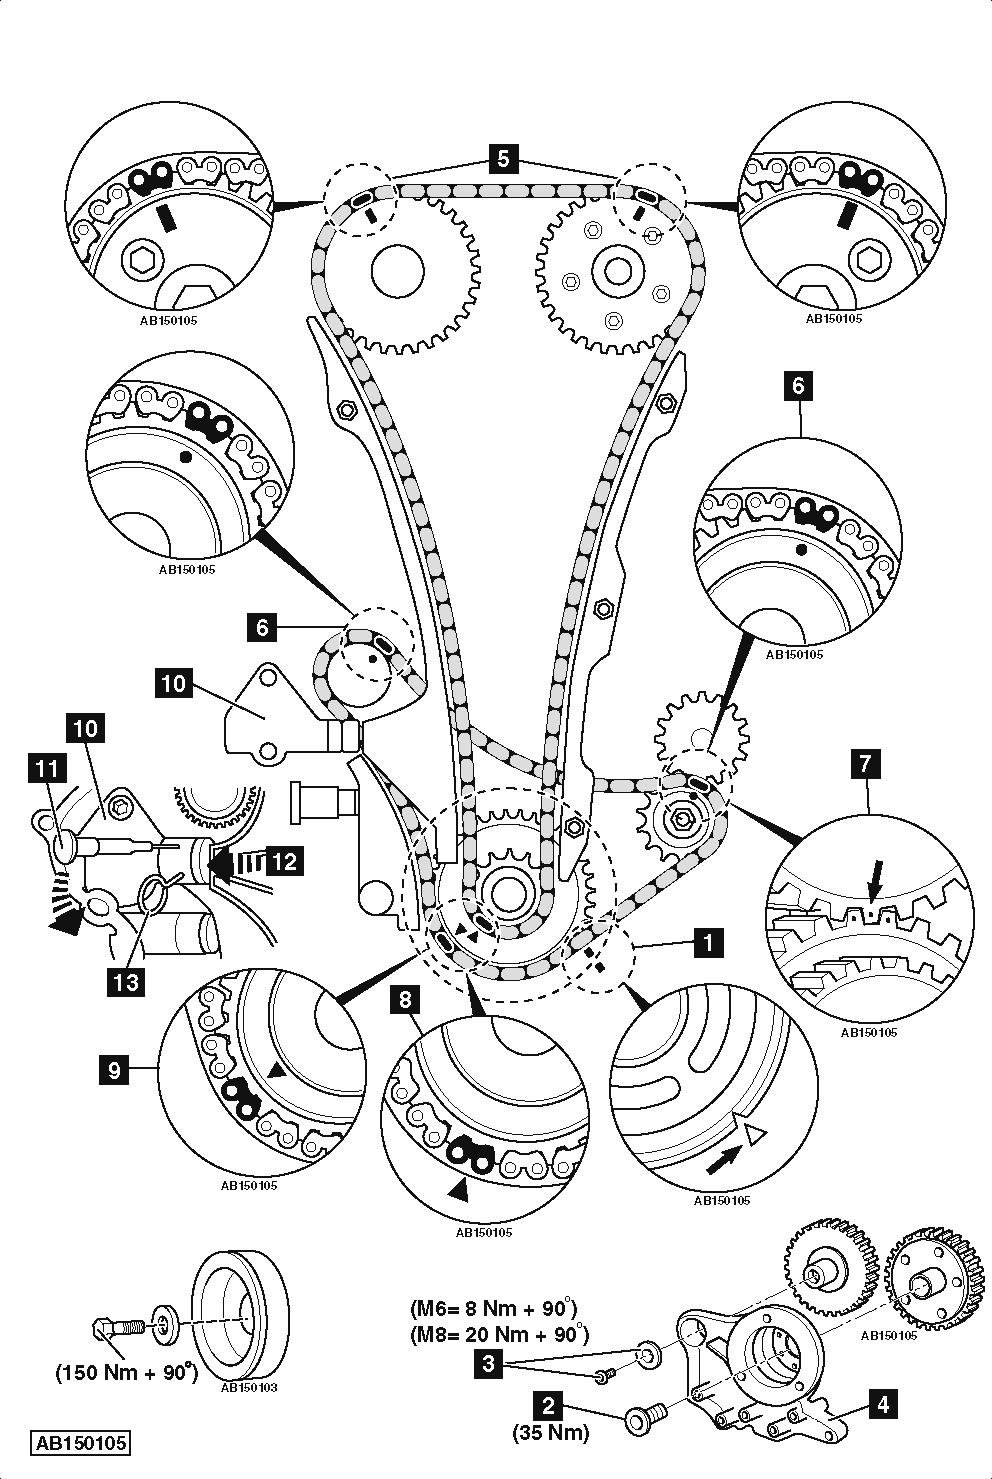 Diagrama de distribución del motor 1.8 Turbo 16 válvulas